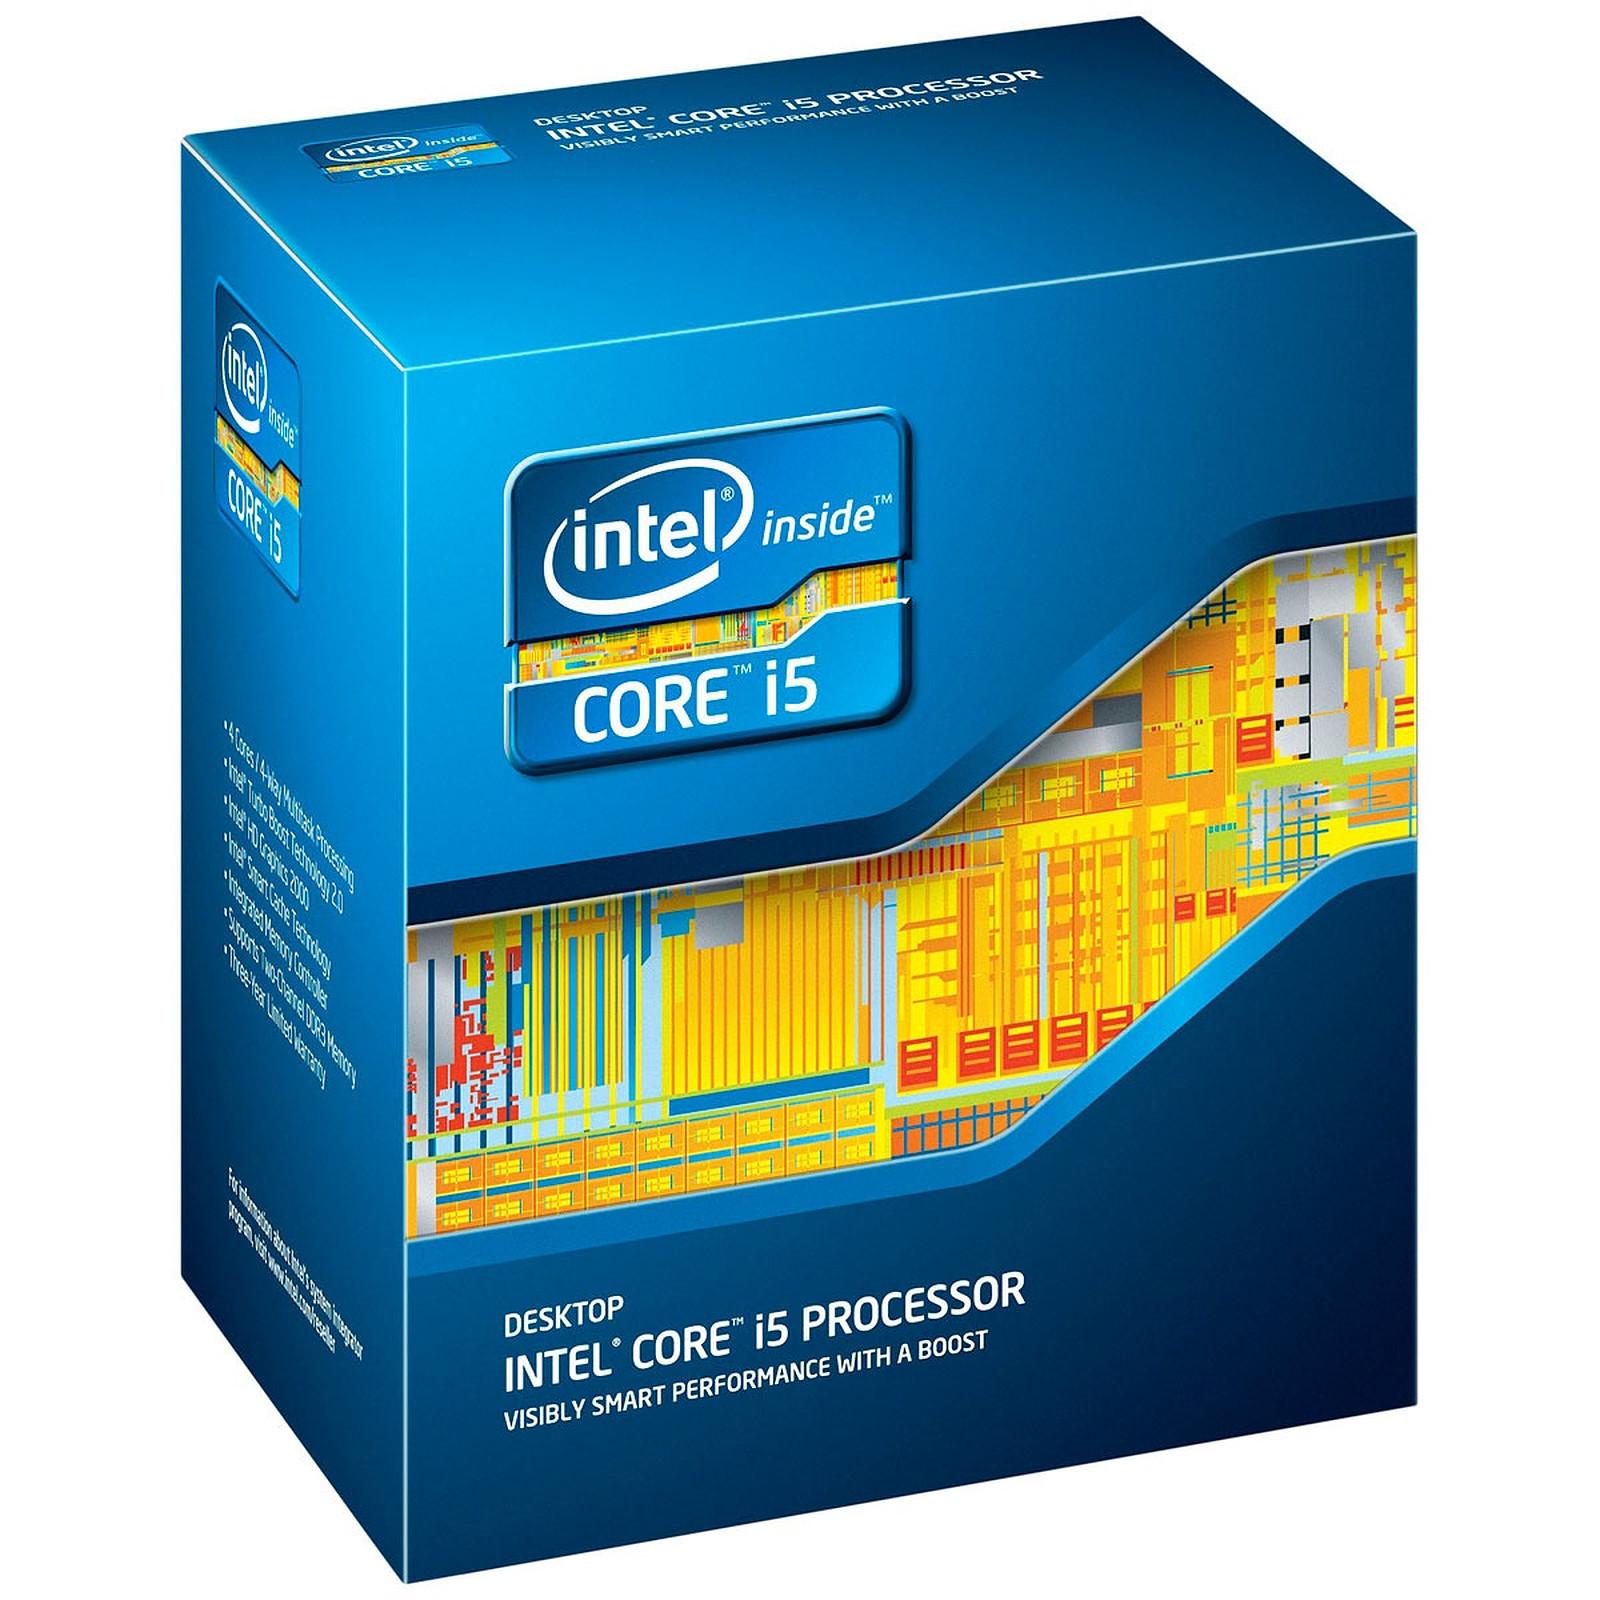 Szép csendben megjelentek az Intel Sandy Bridge processzorok